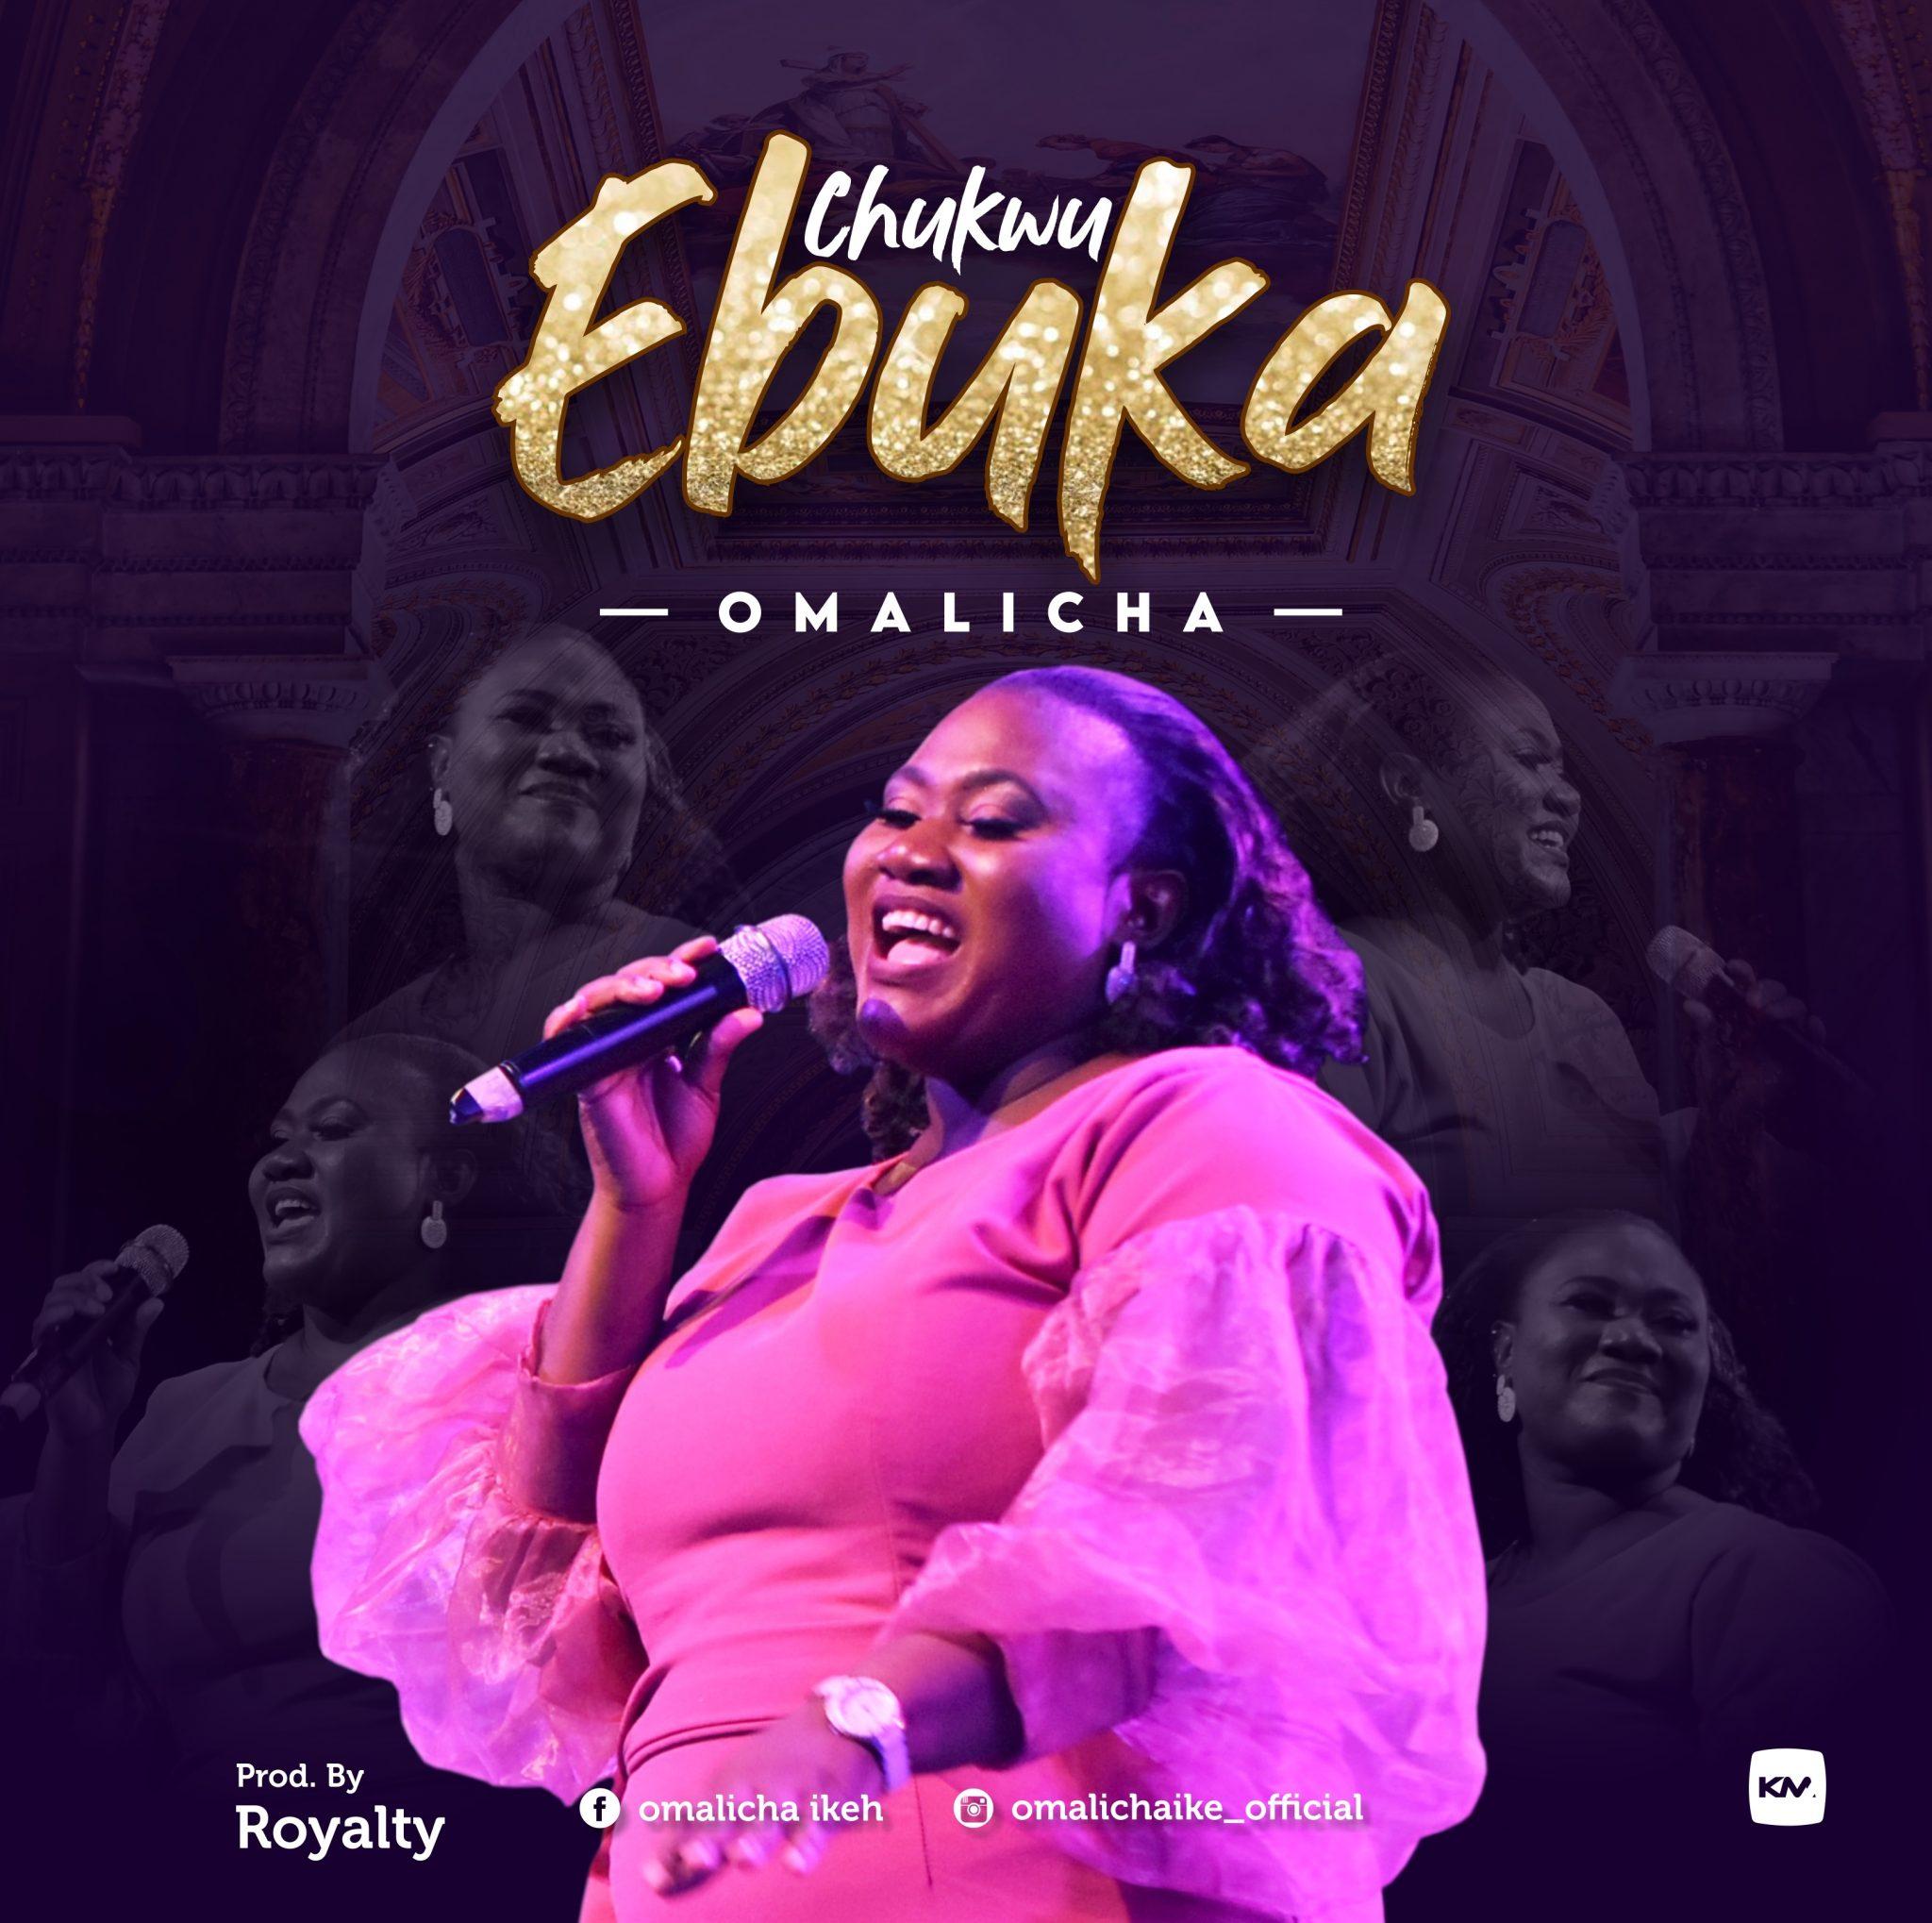 Download Mp3 Omalicha Chukwu Ebuka